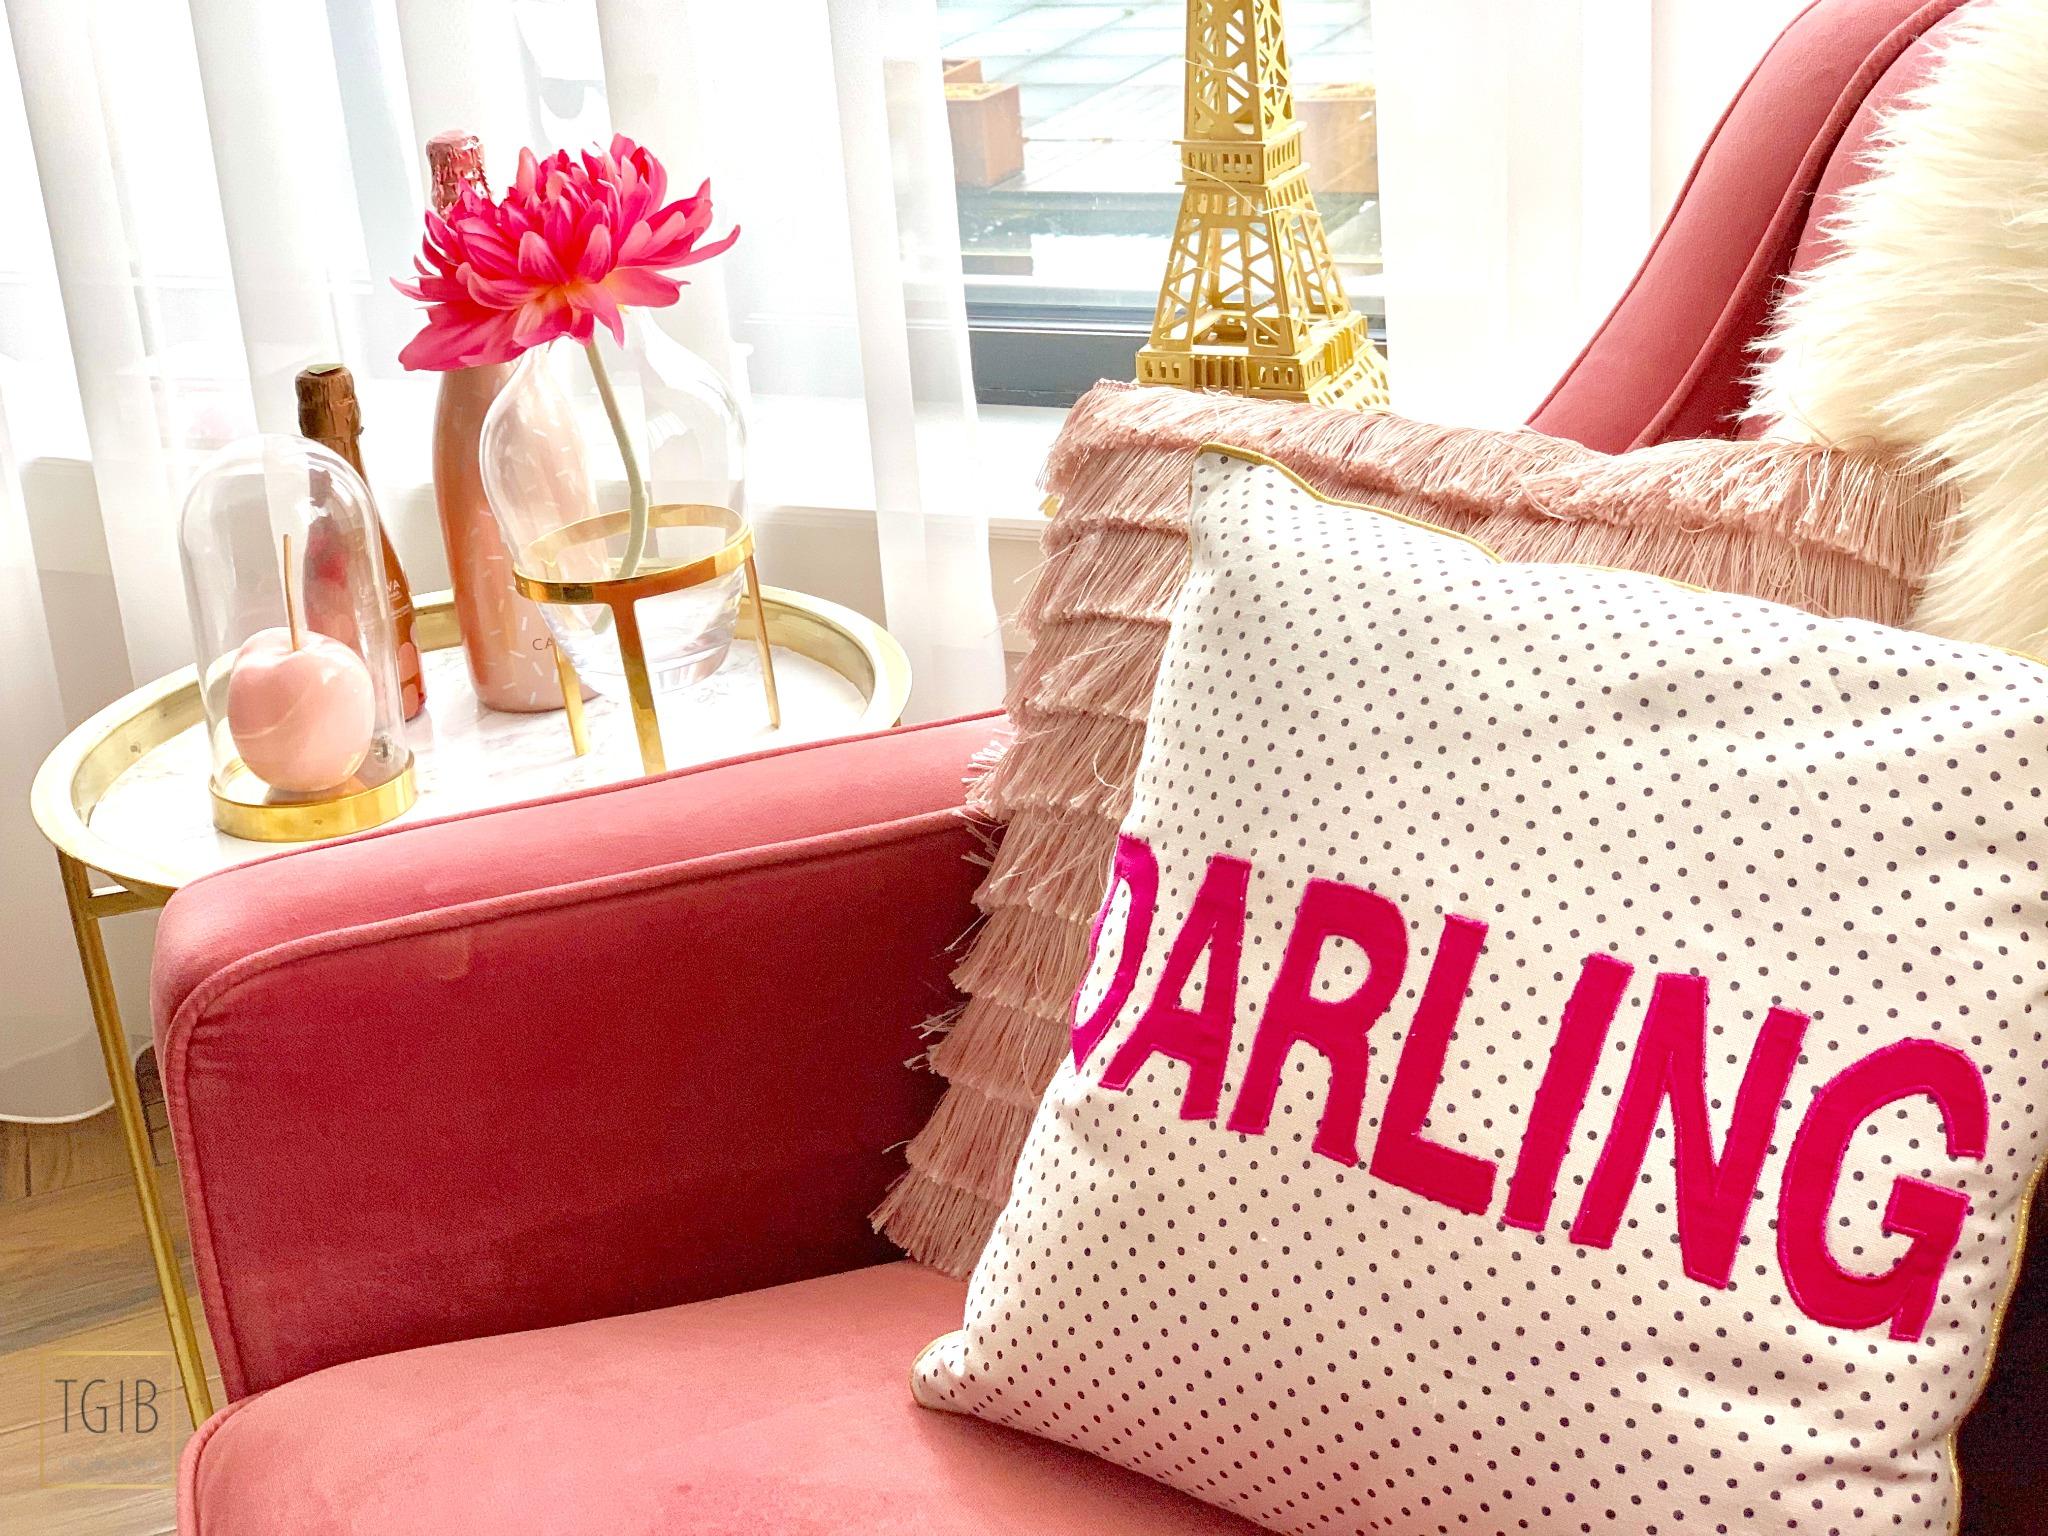 interieurhoekjes: een roze stoel kussen darling